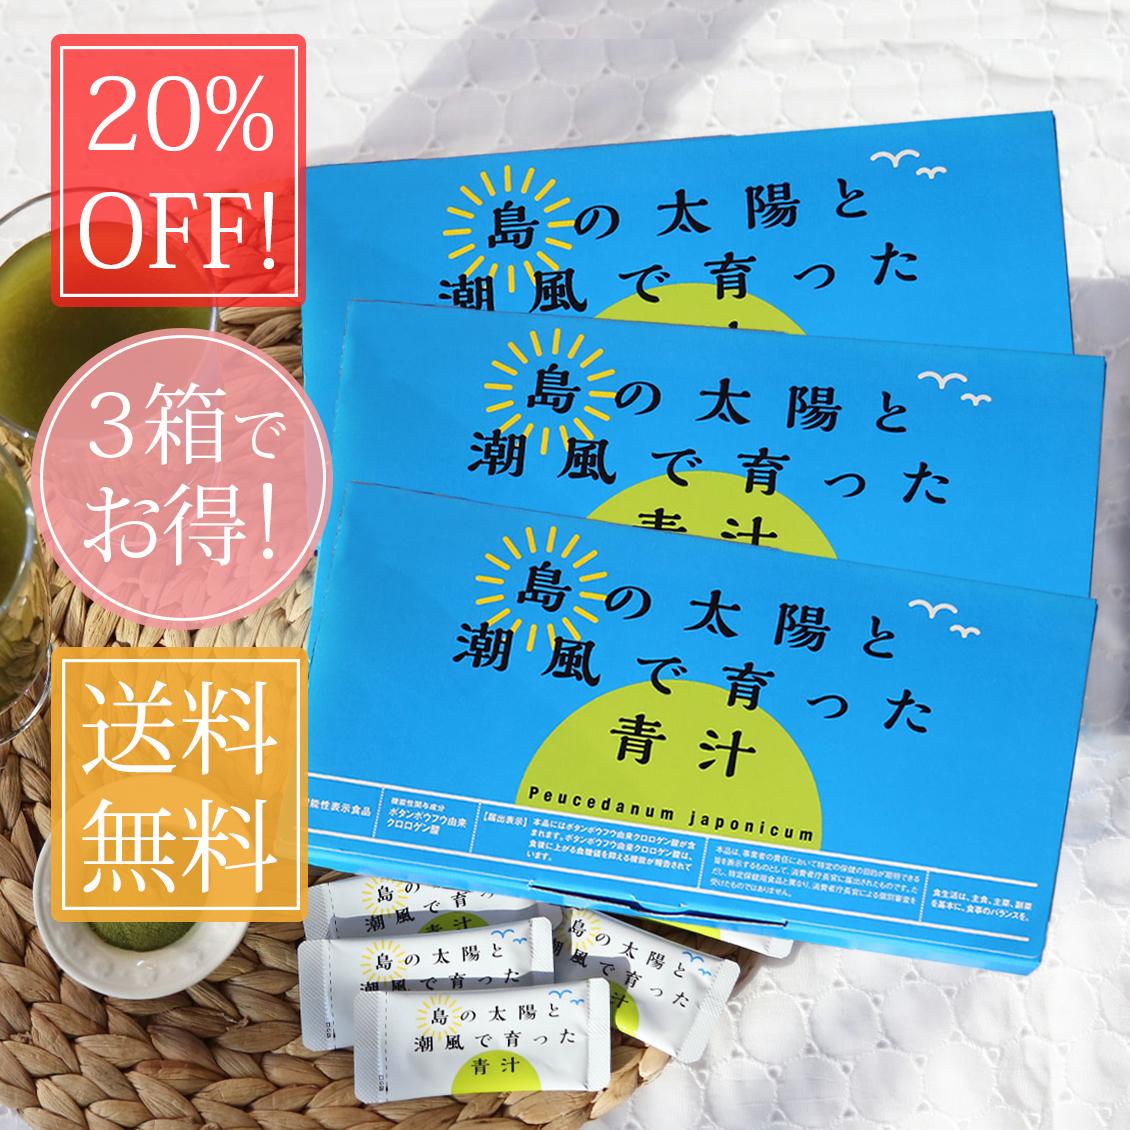 【送料無料! 特別価格】島の太陽と潮風で育った青汁30包×3箱まとめ買いでお得なセット